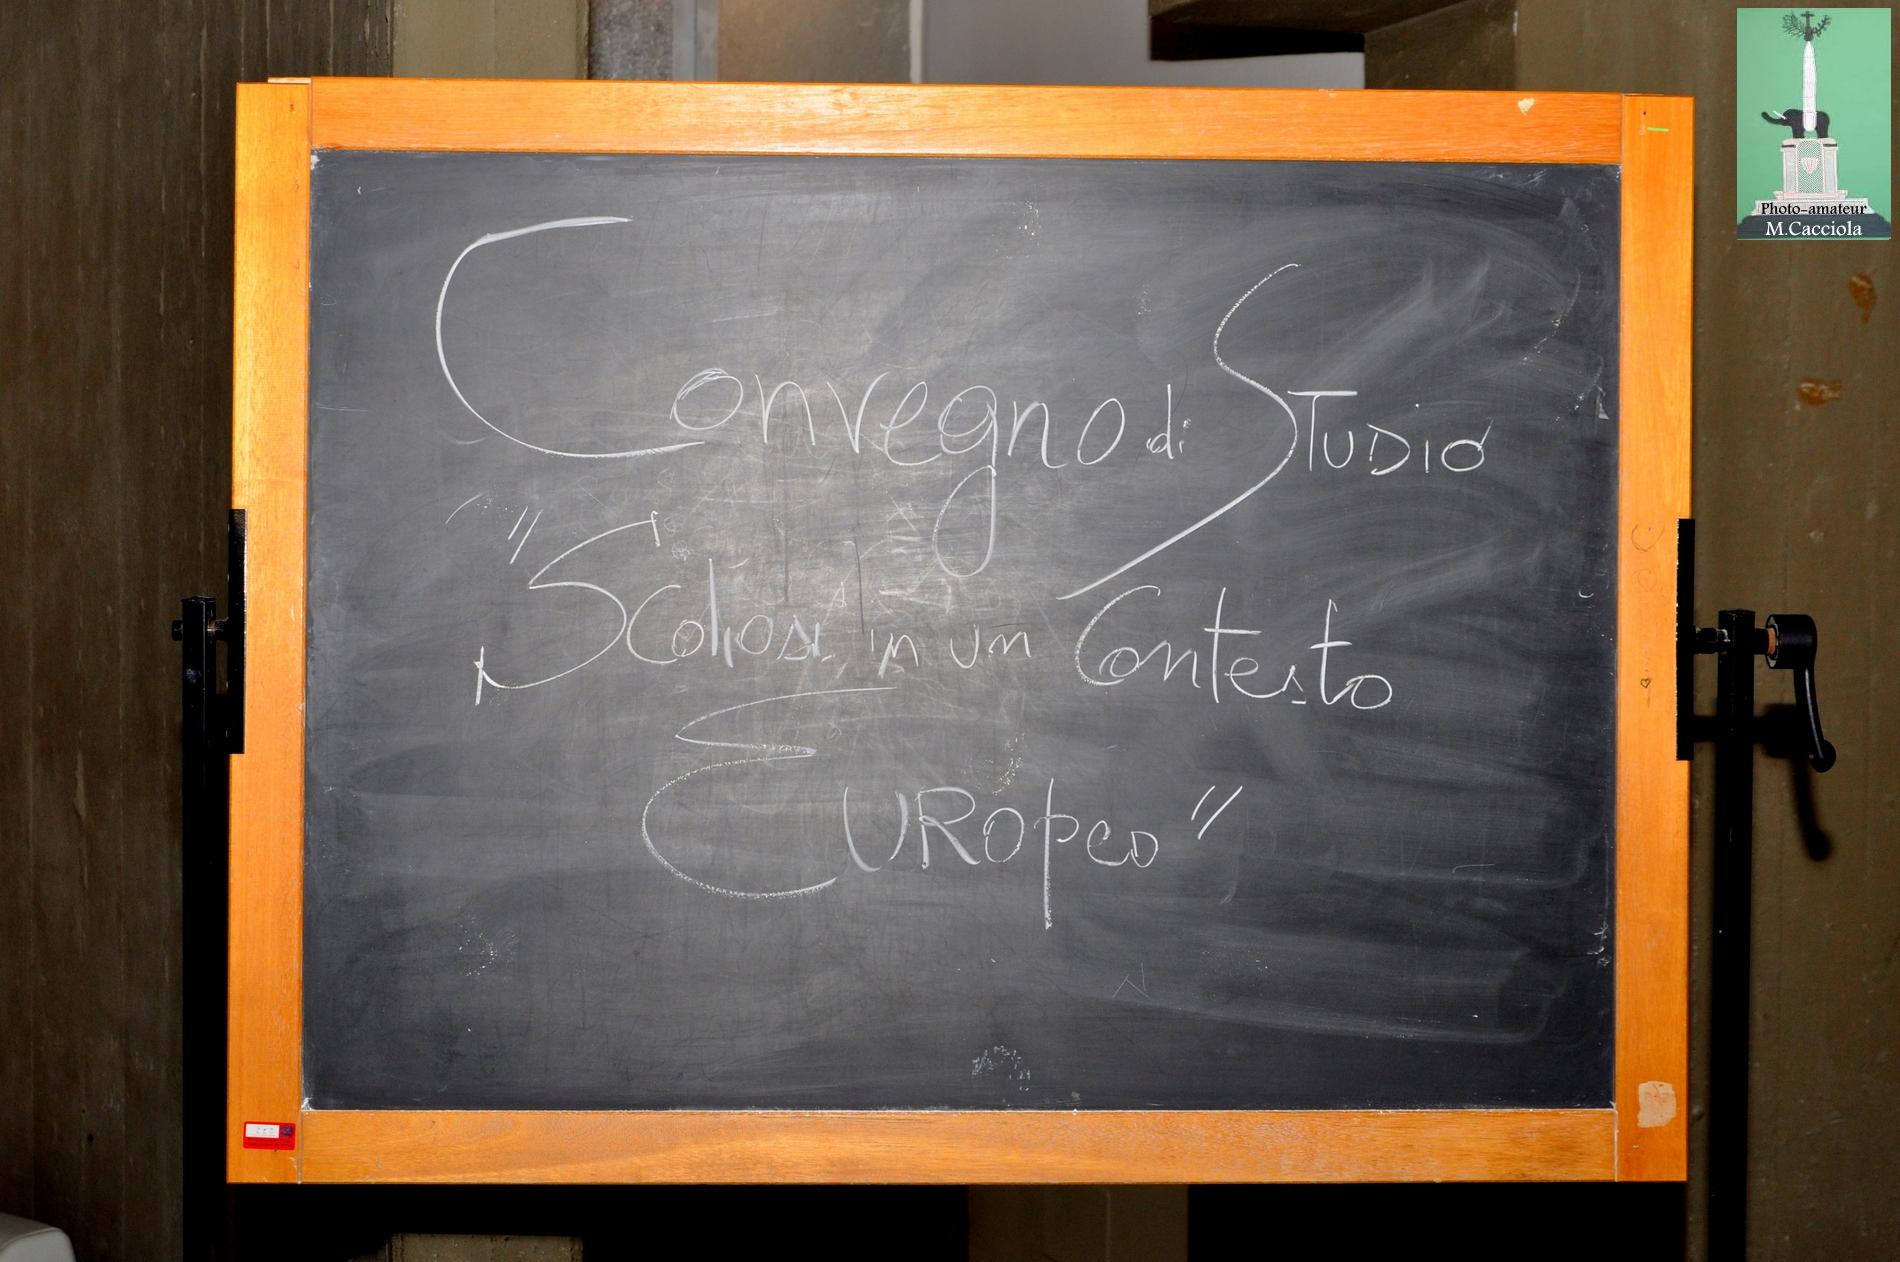 Rieducazione della scoliosi-scoliosi-rieducazione-Prof. Carmelo Giuffrida-Catania